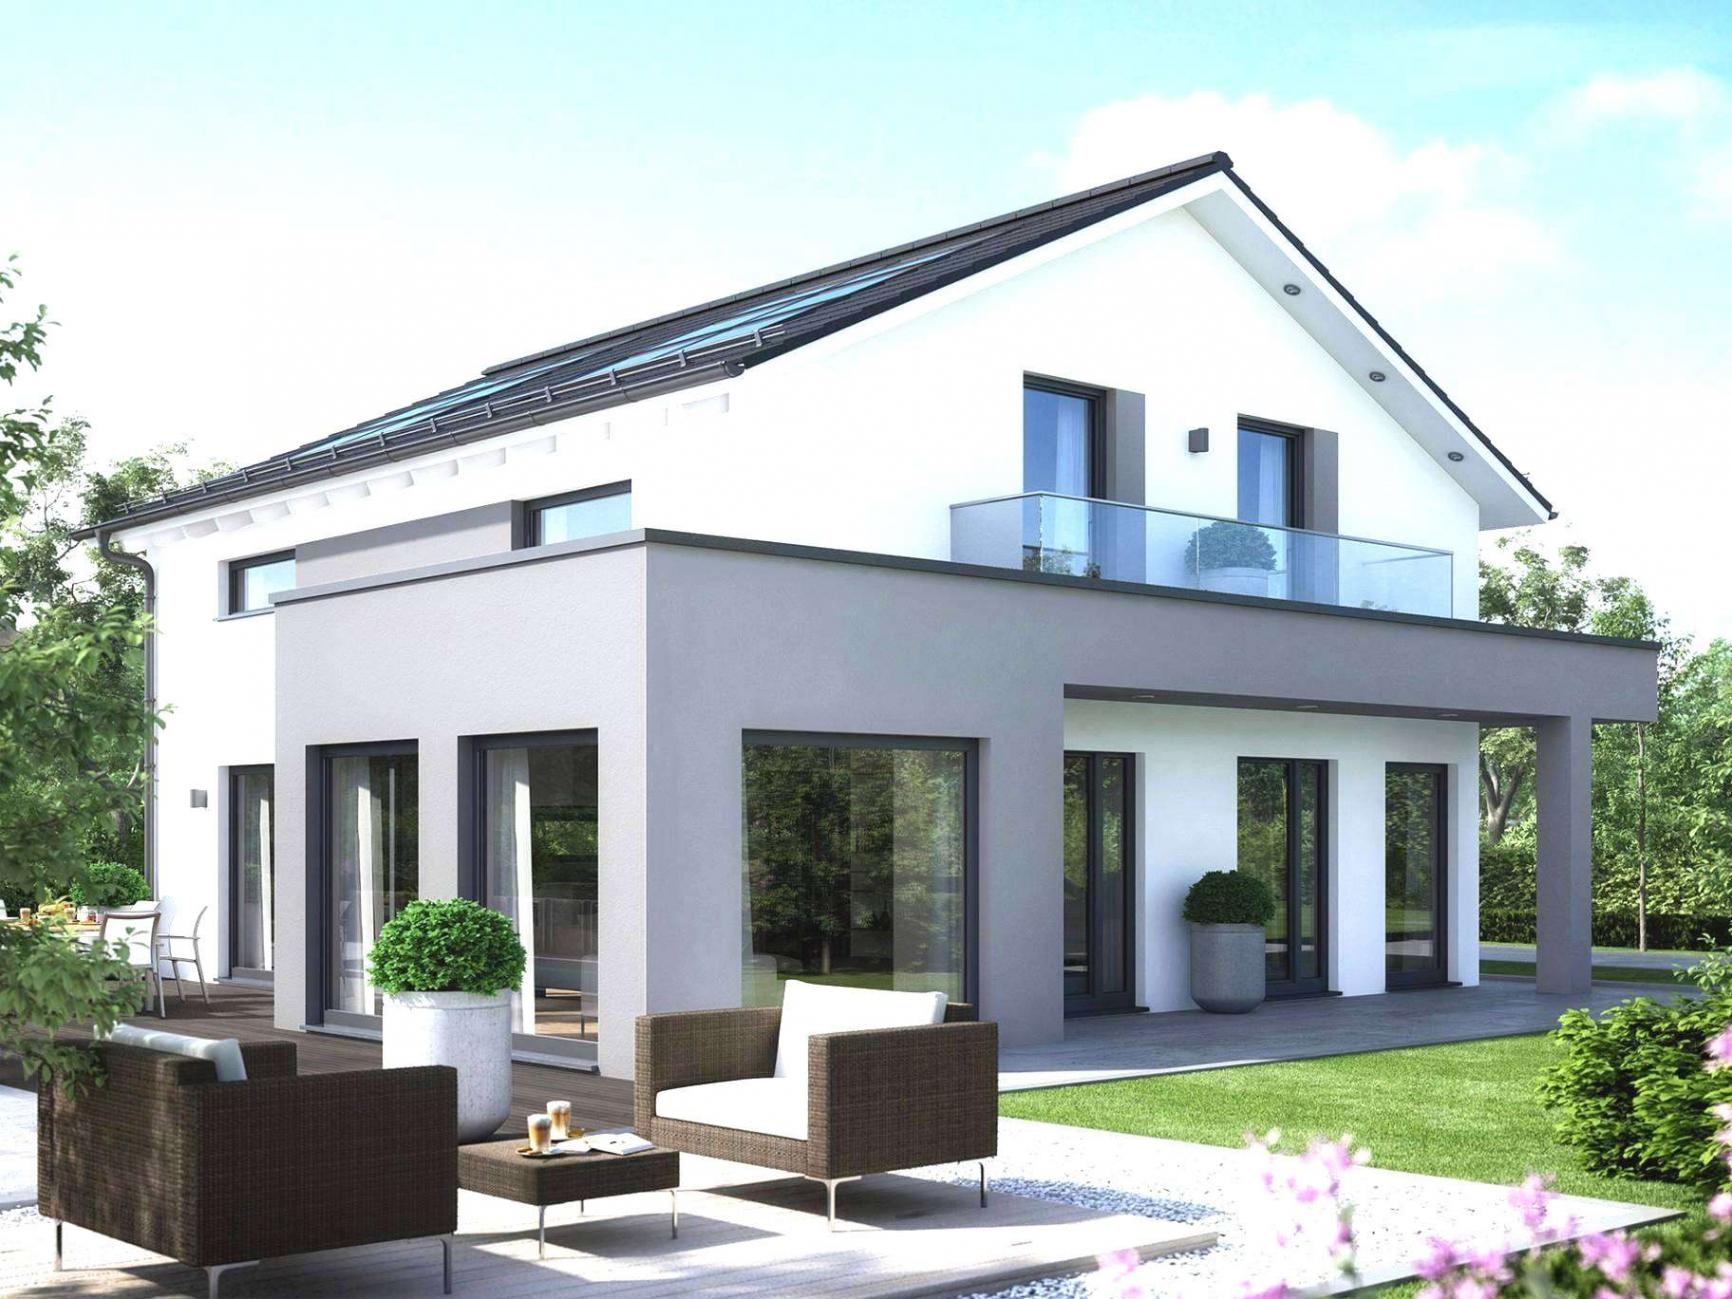 terrassen sichtschutz rollo beste schiebegardine blumenrispe i 0d terrasse am hang terrasse am hang